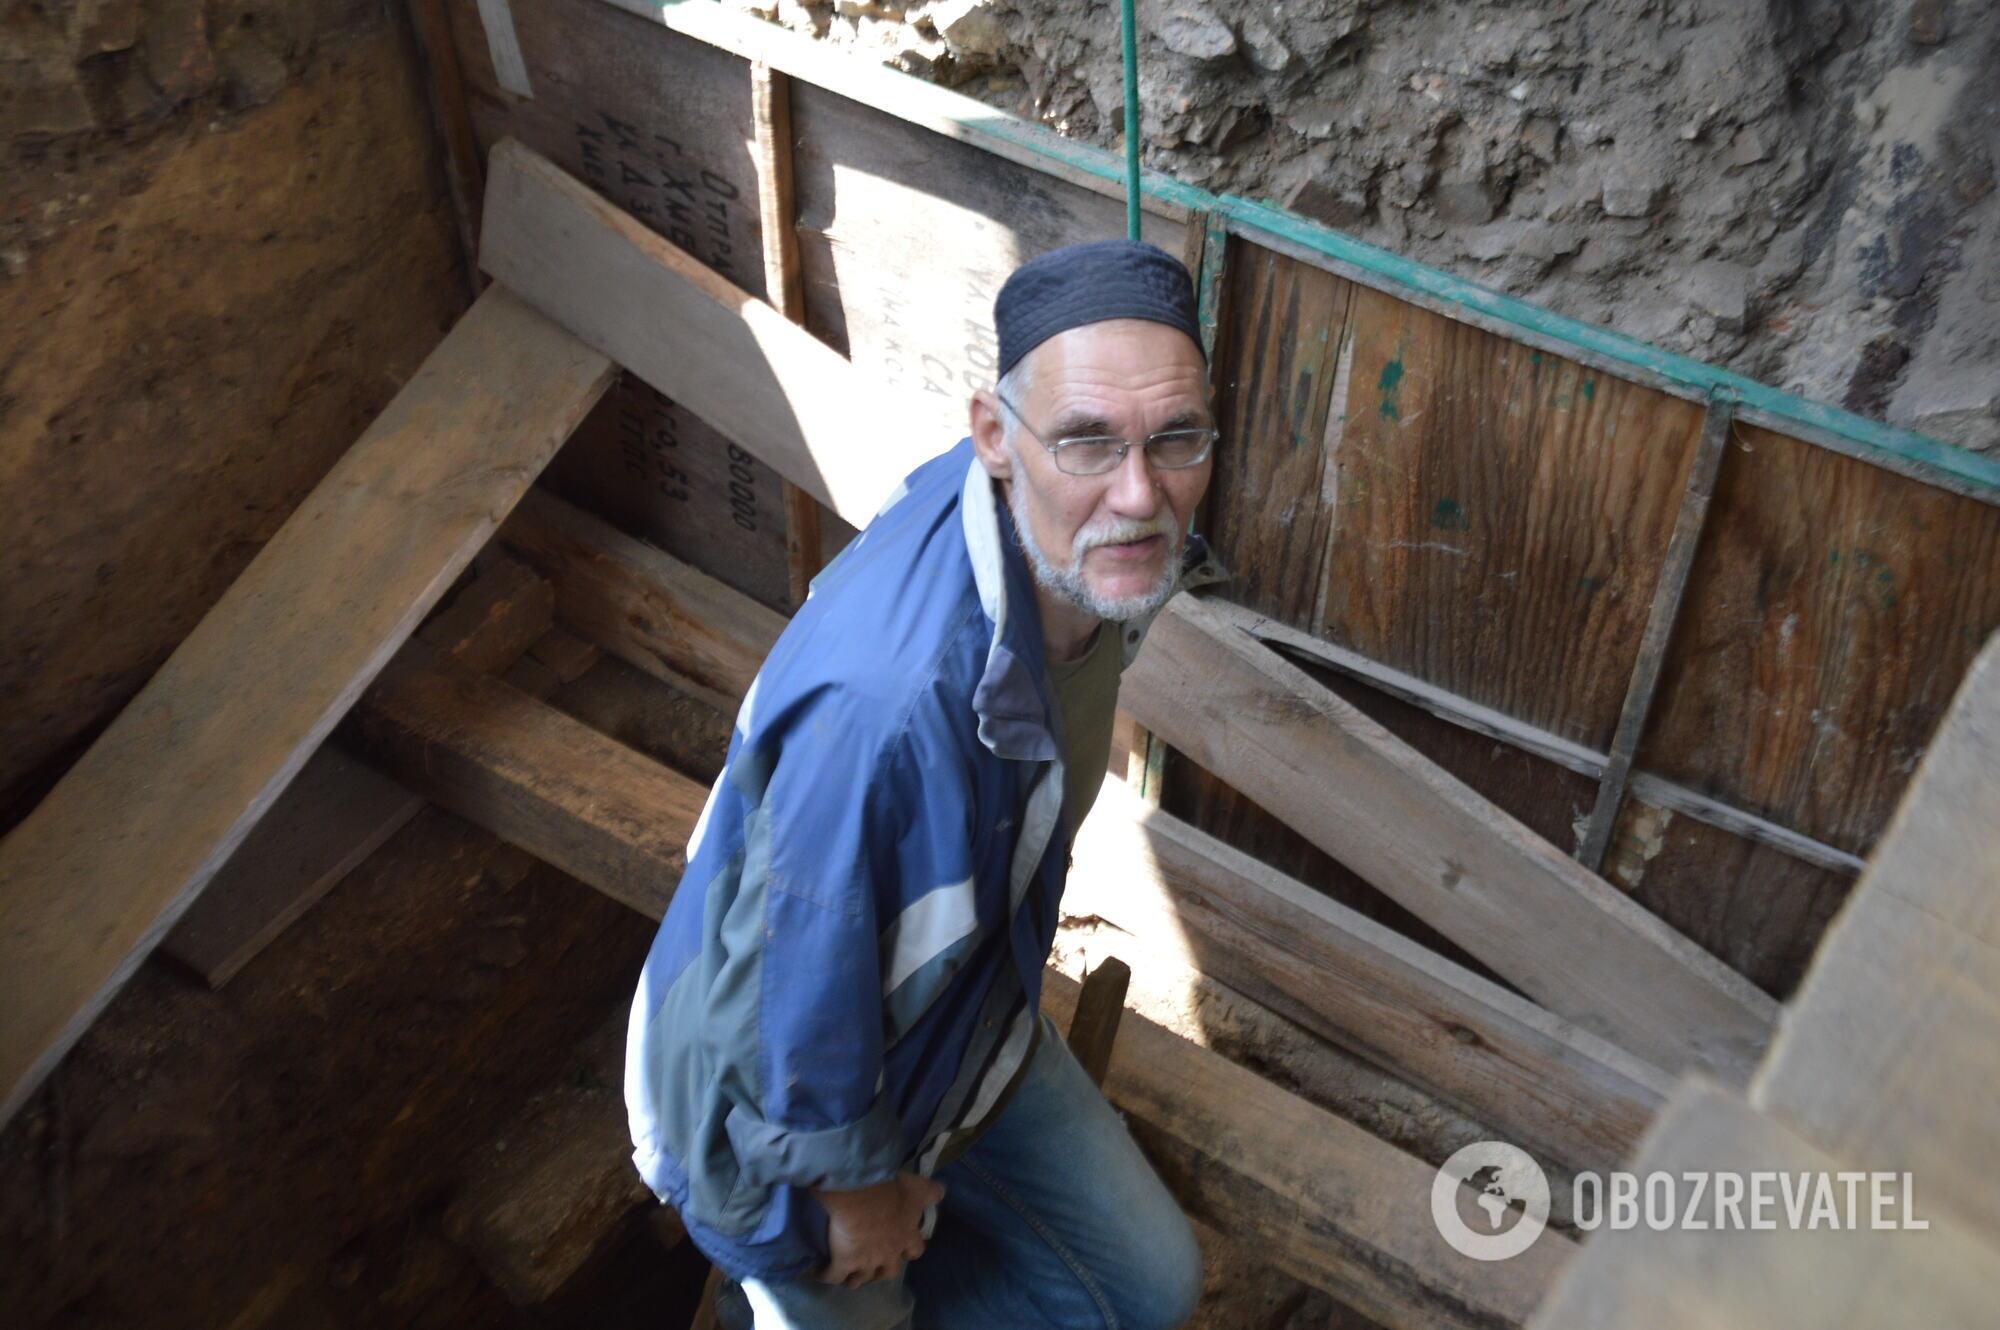 Археолог Тимур Бобровський розповів, що лабіринти – єдина споруда XVII століття на території Софії.